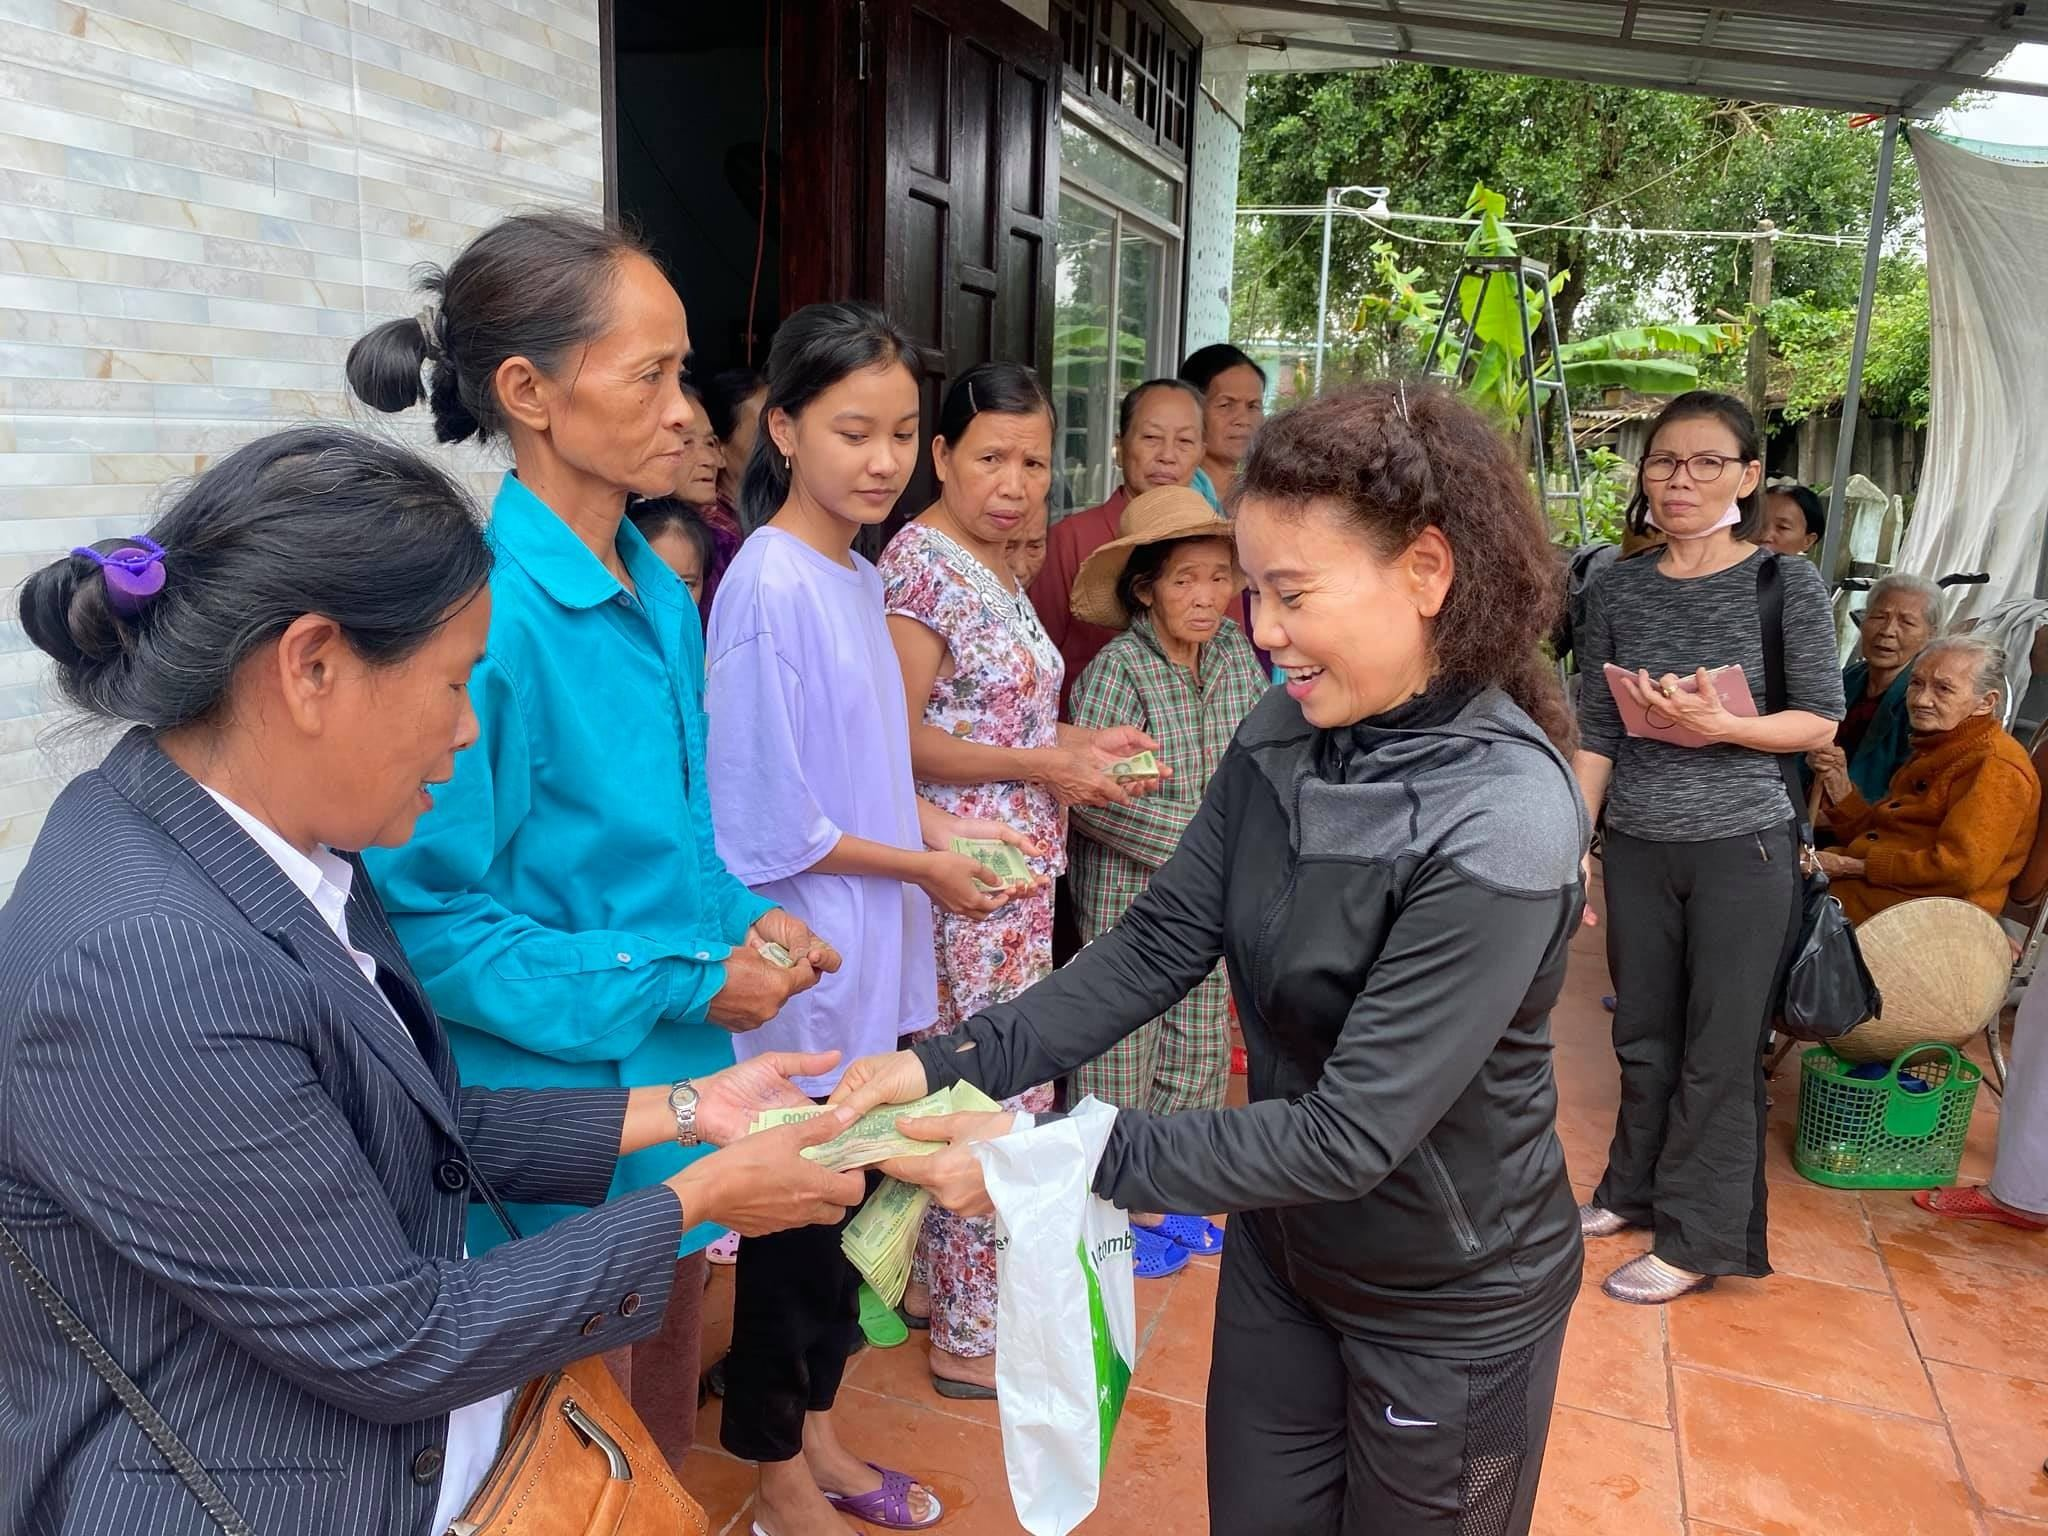 Mẹ Hồ Ngọc Hà tích cực tham gia các hoạt động thiện nguyện suốt nhiều năm qua.